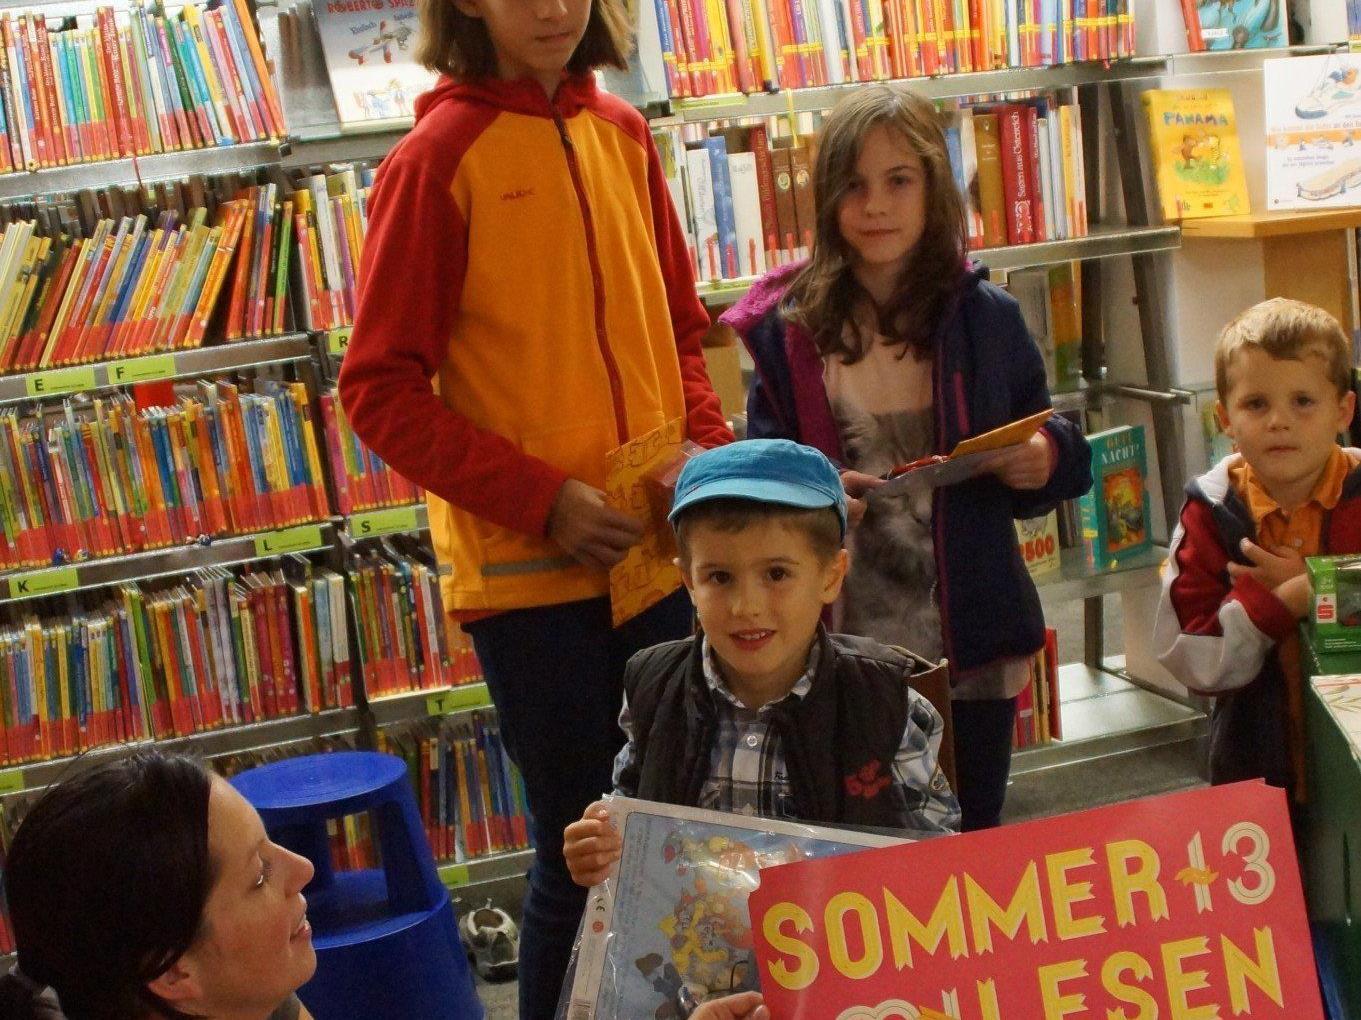 Die Gewinner der Aktion Sommerlesen 2013 in Mäder.